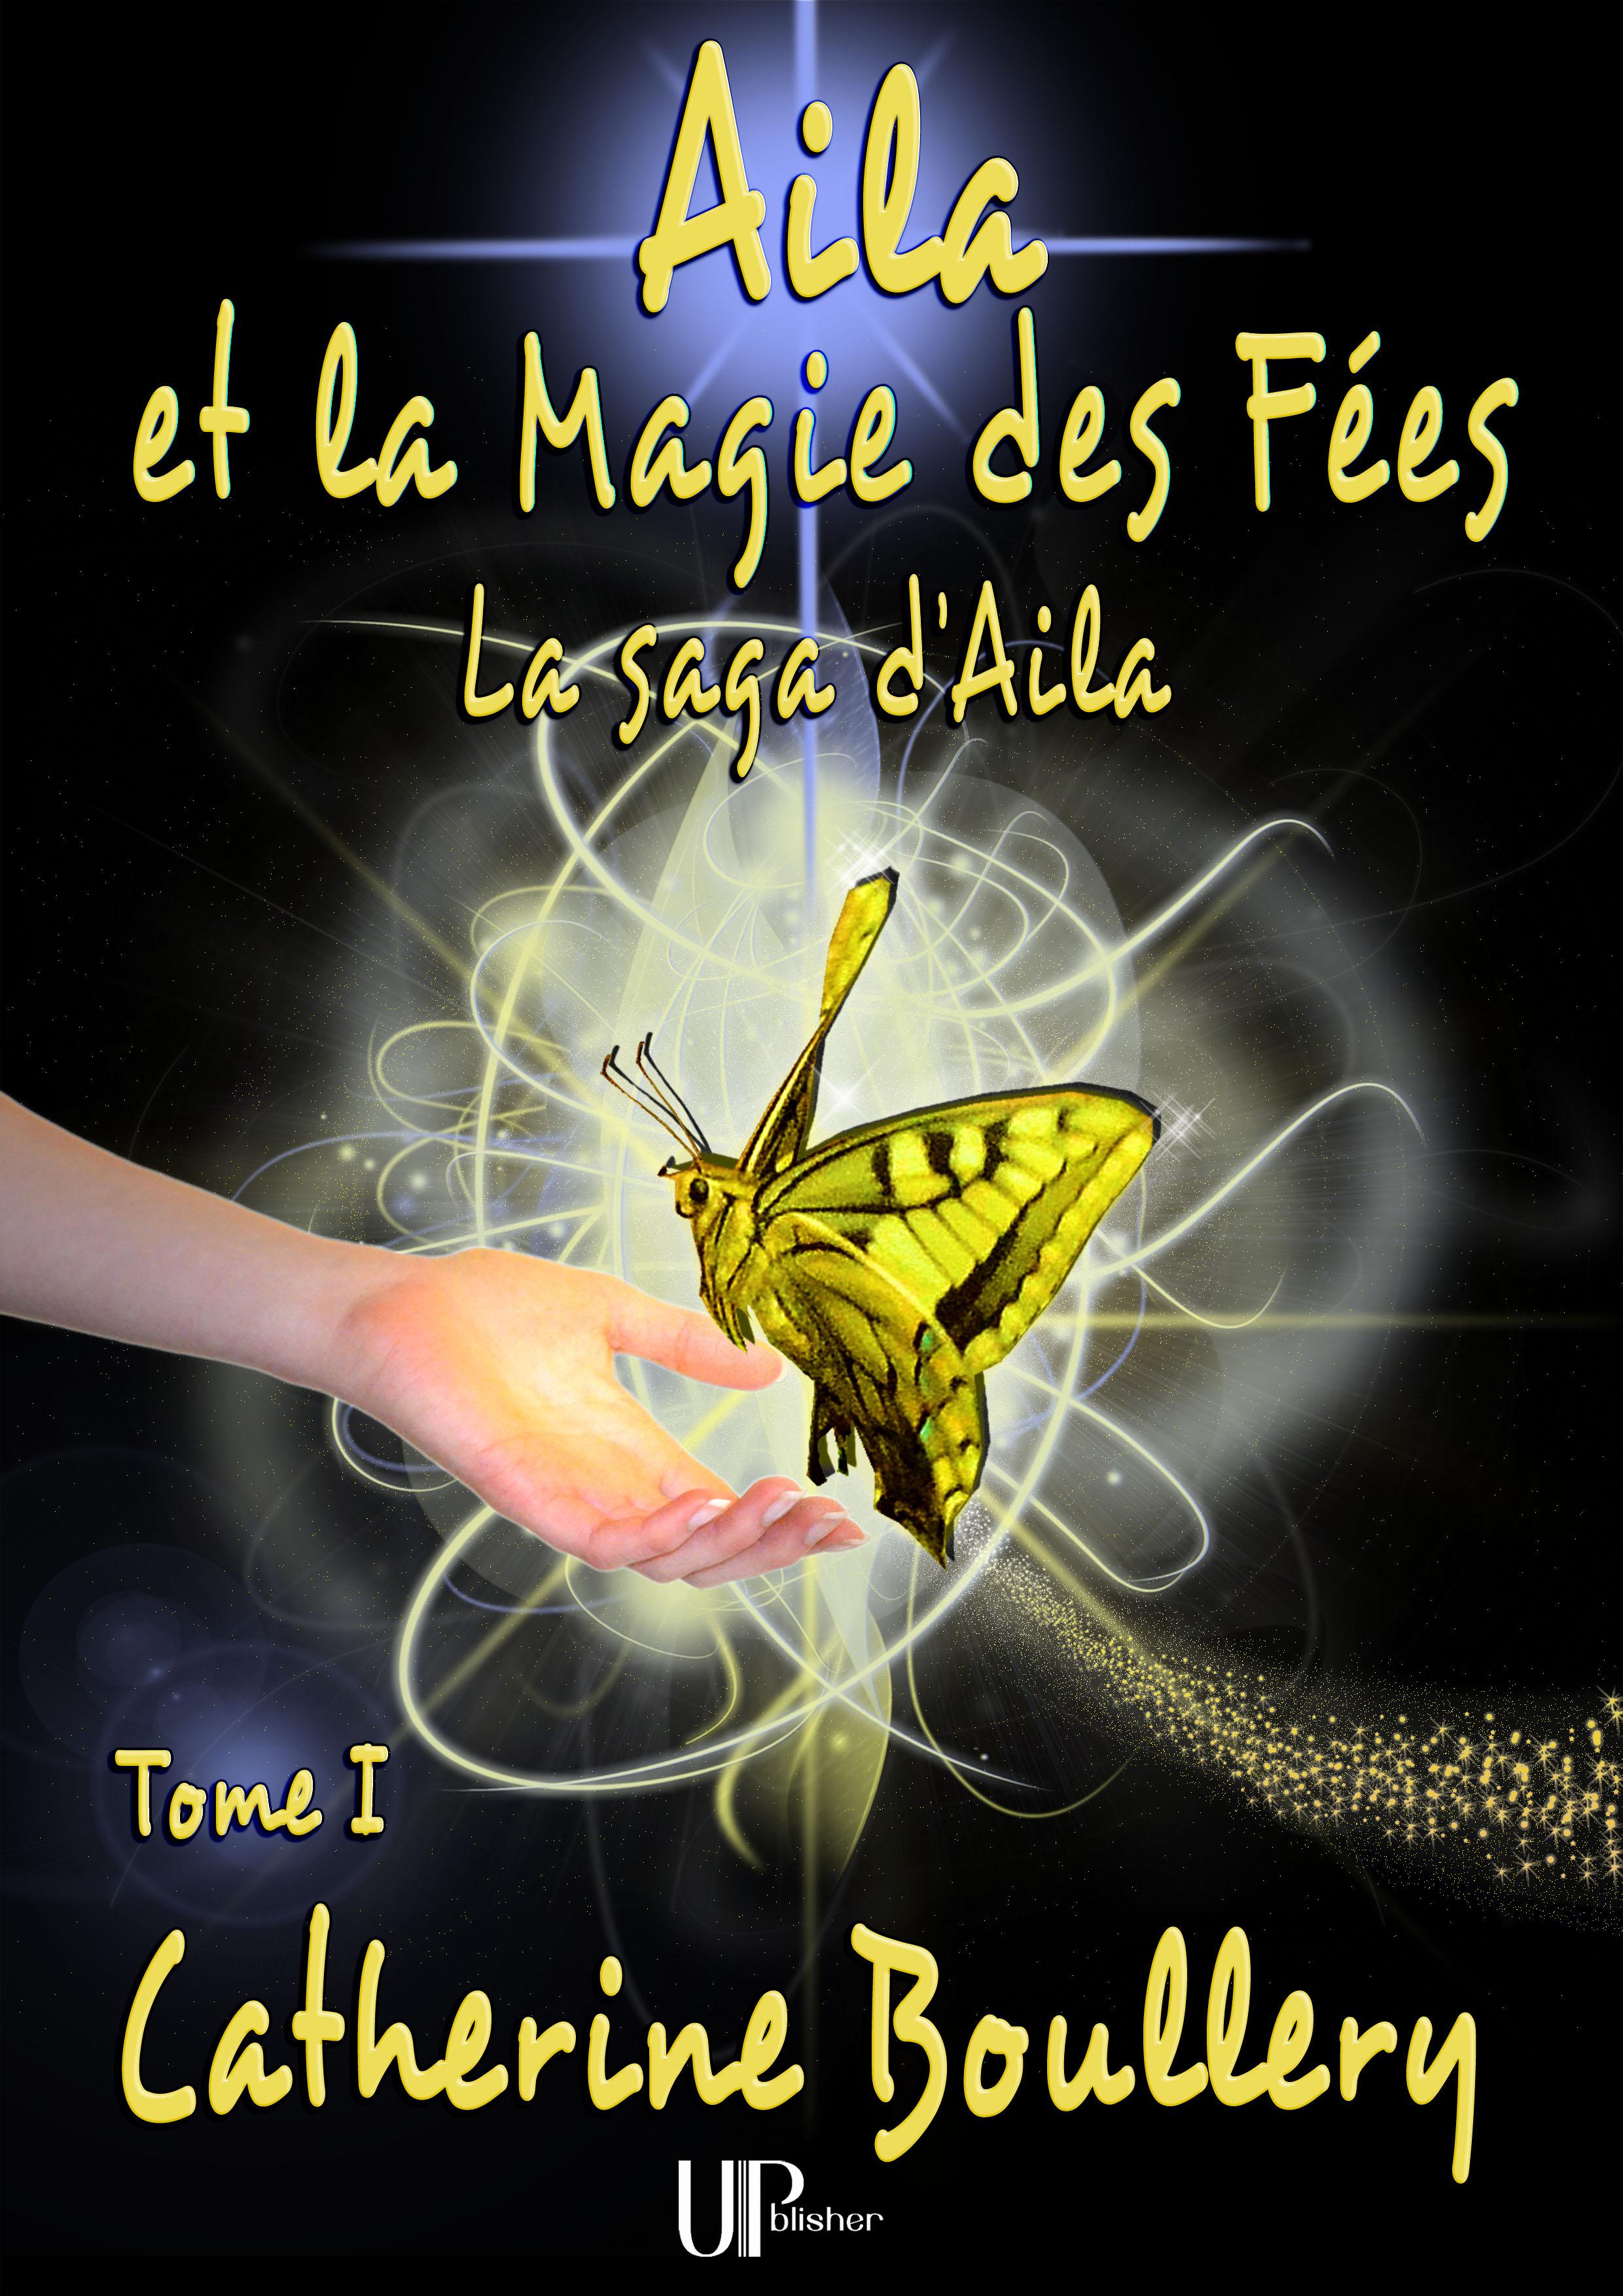 Couverture De Fantasy Aila Et La Magie Des Fees C